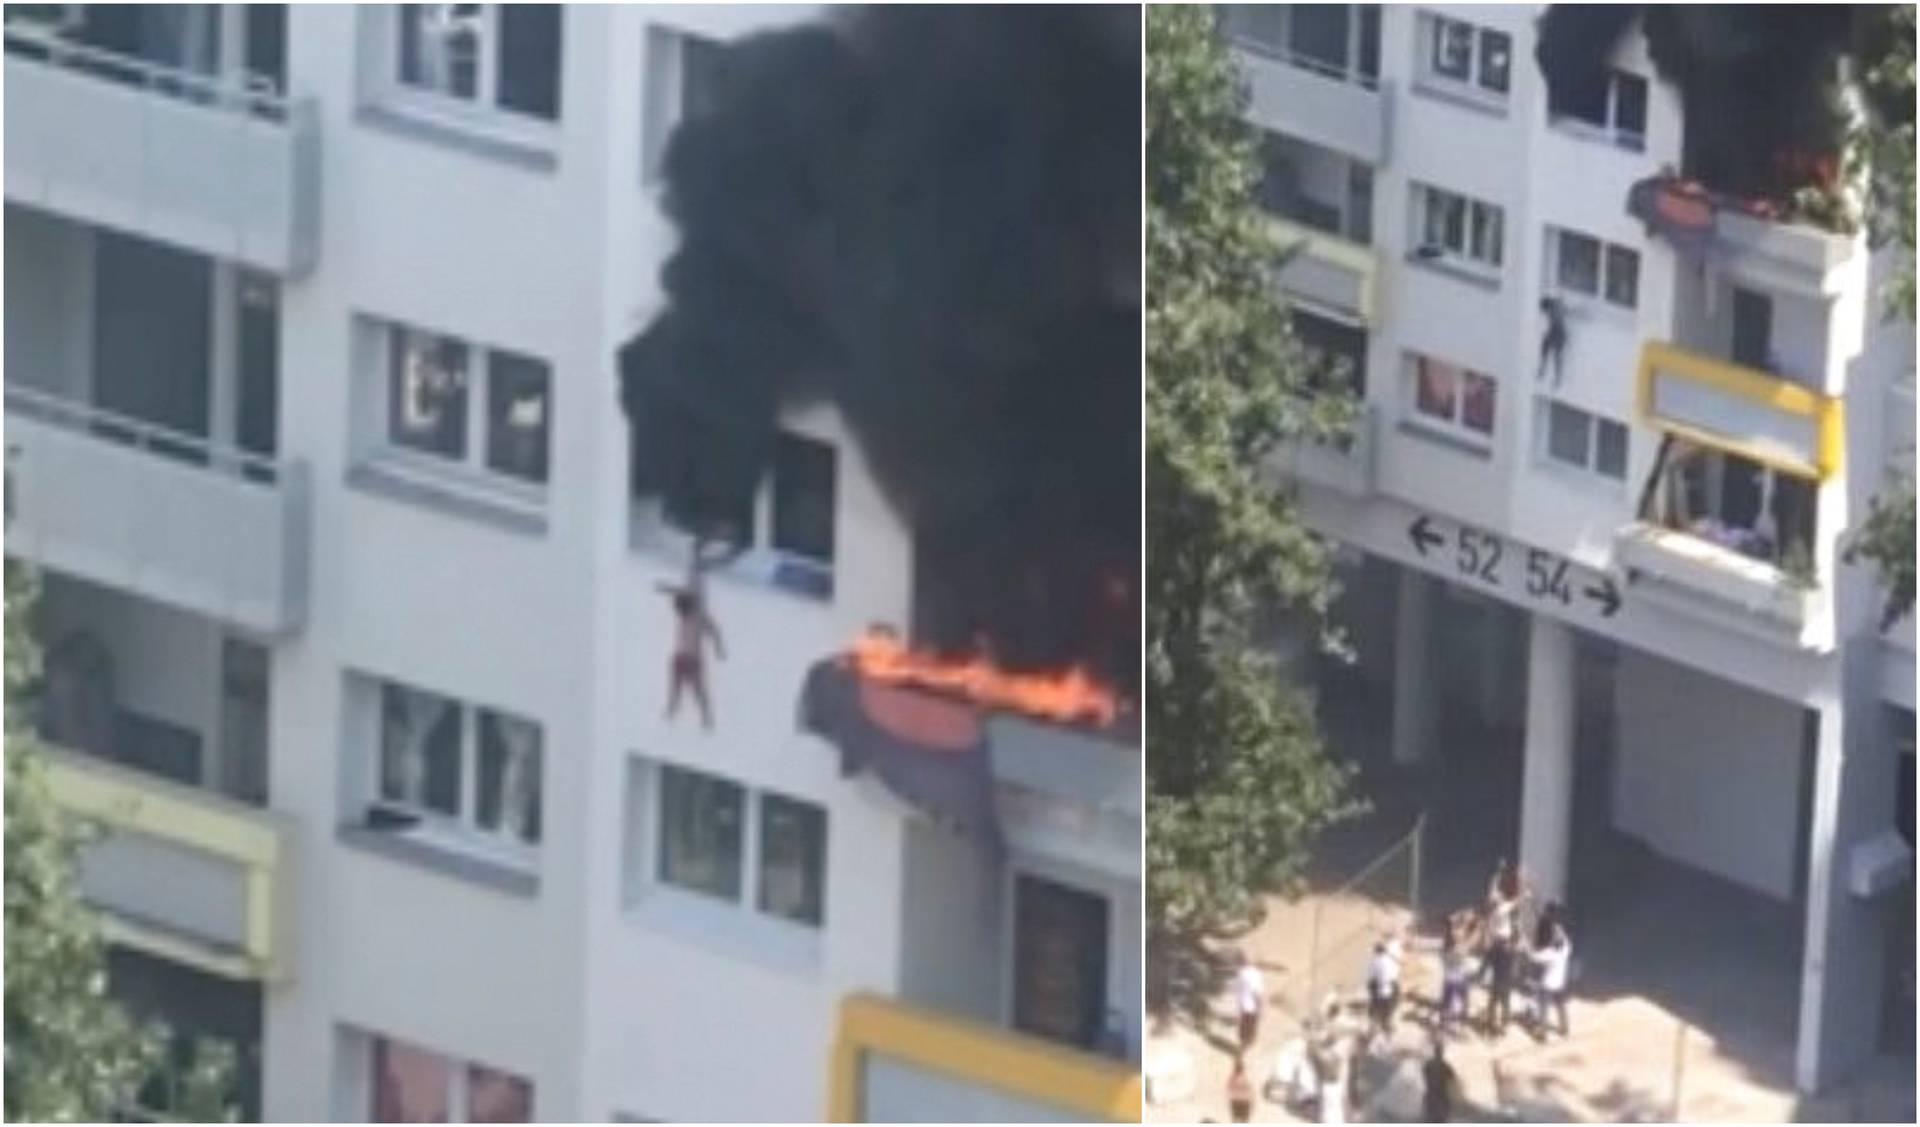 Braća se spasila od požara: S 3. kata skočili u naručje susjedima